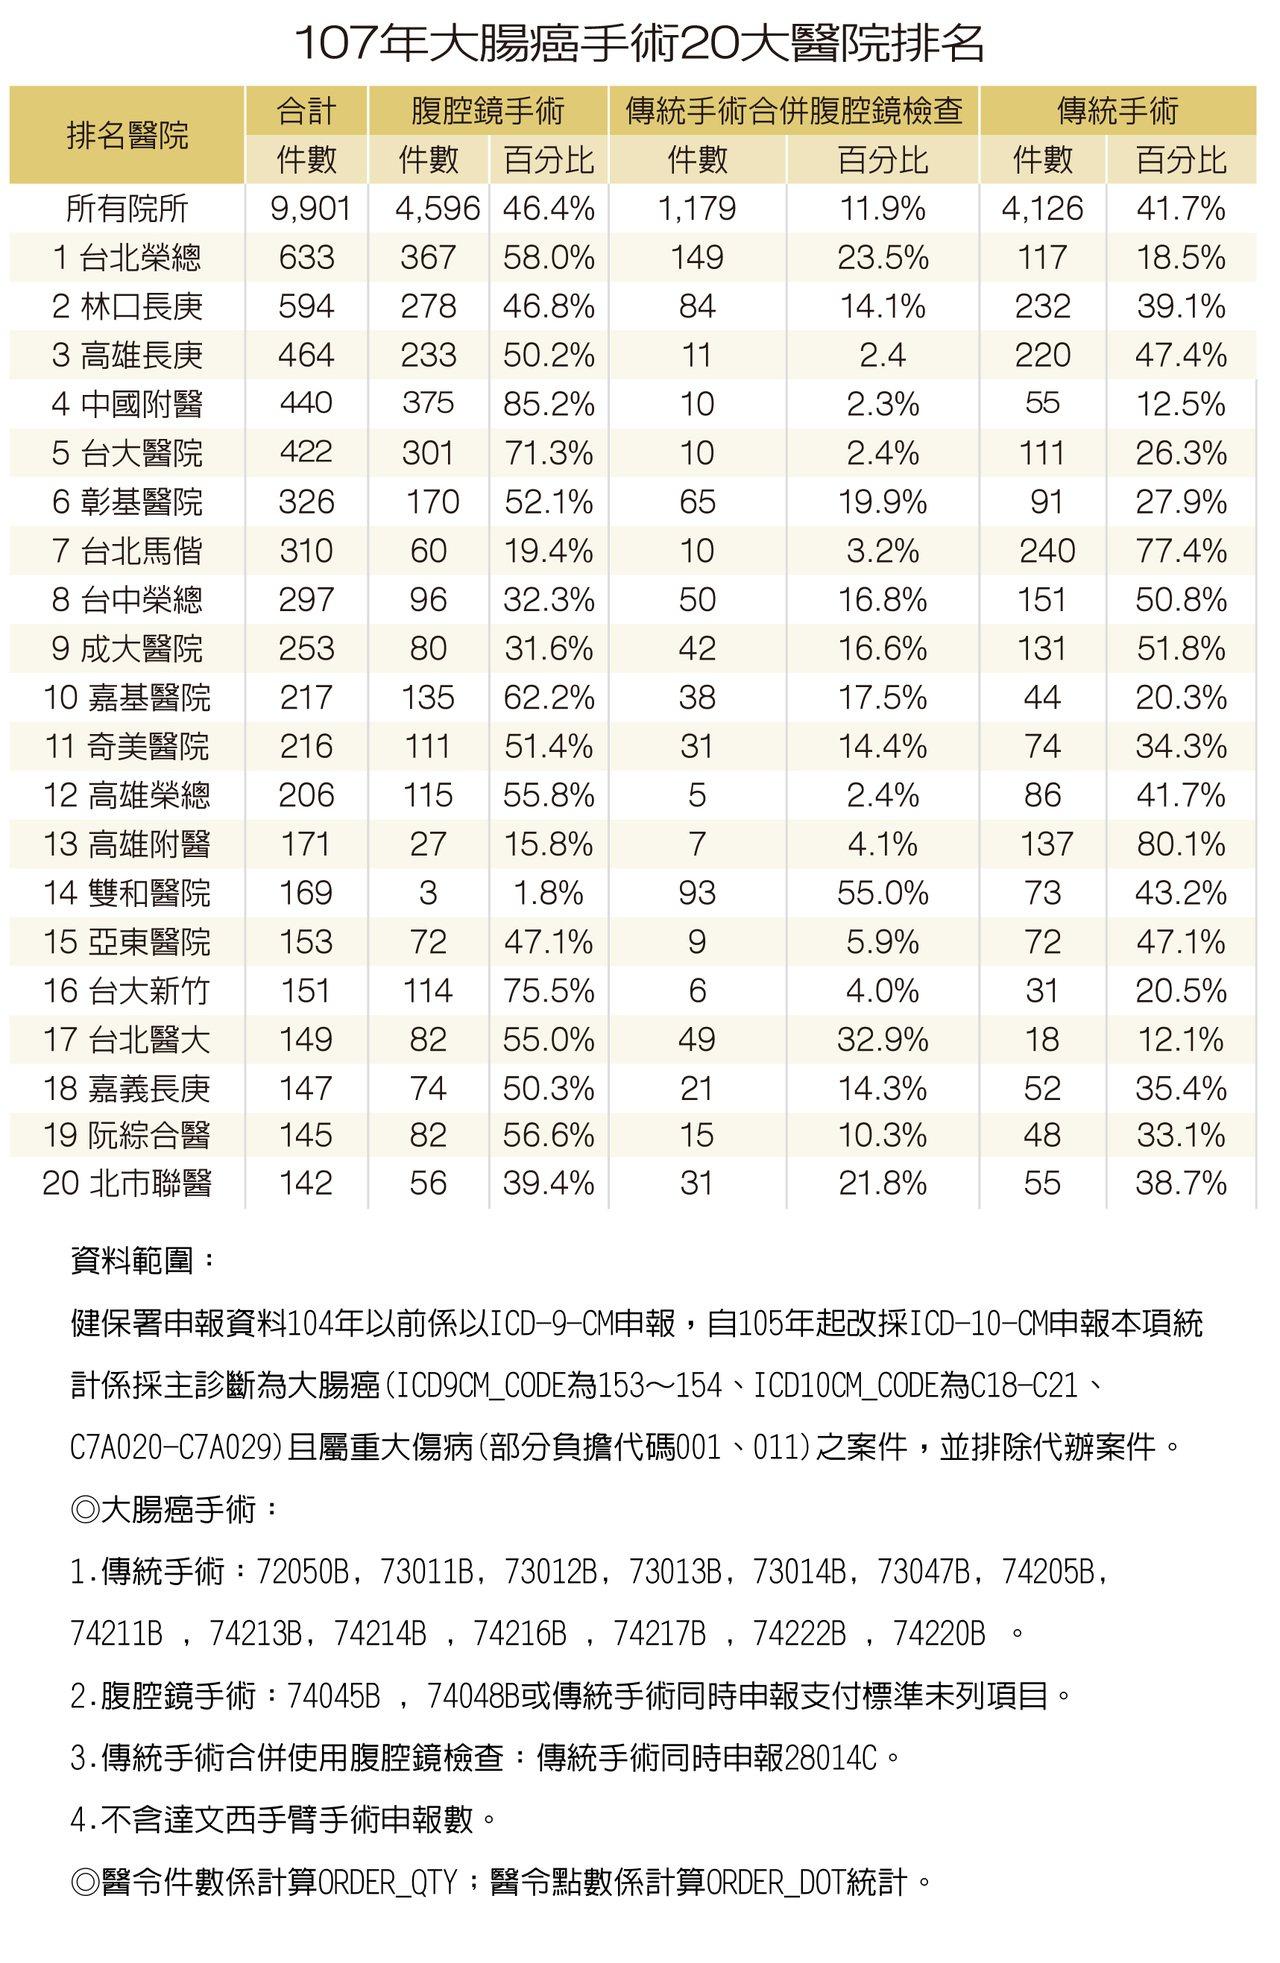 大腸癌手術20大醫院排名。圖/擷取自元氣周報